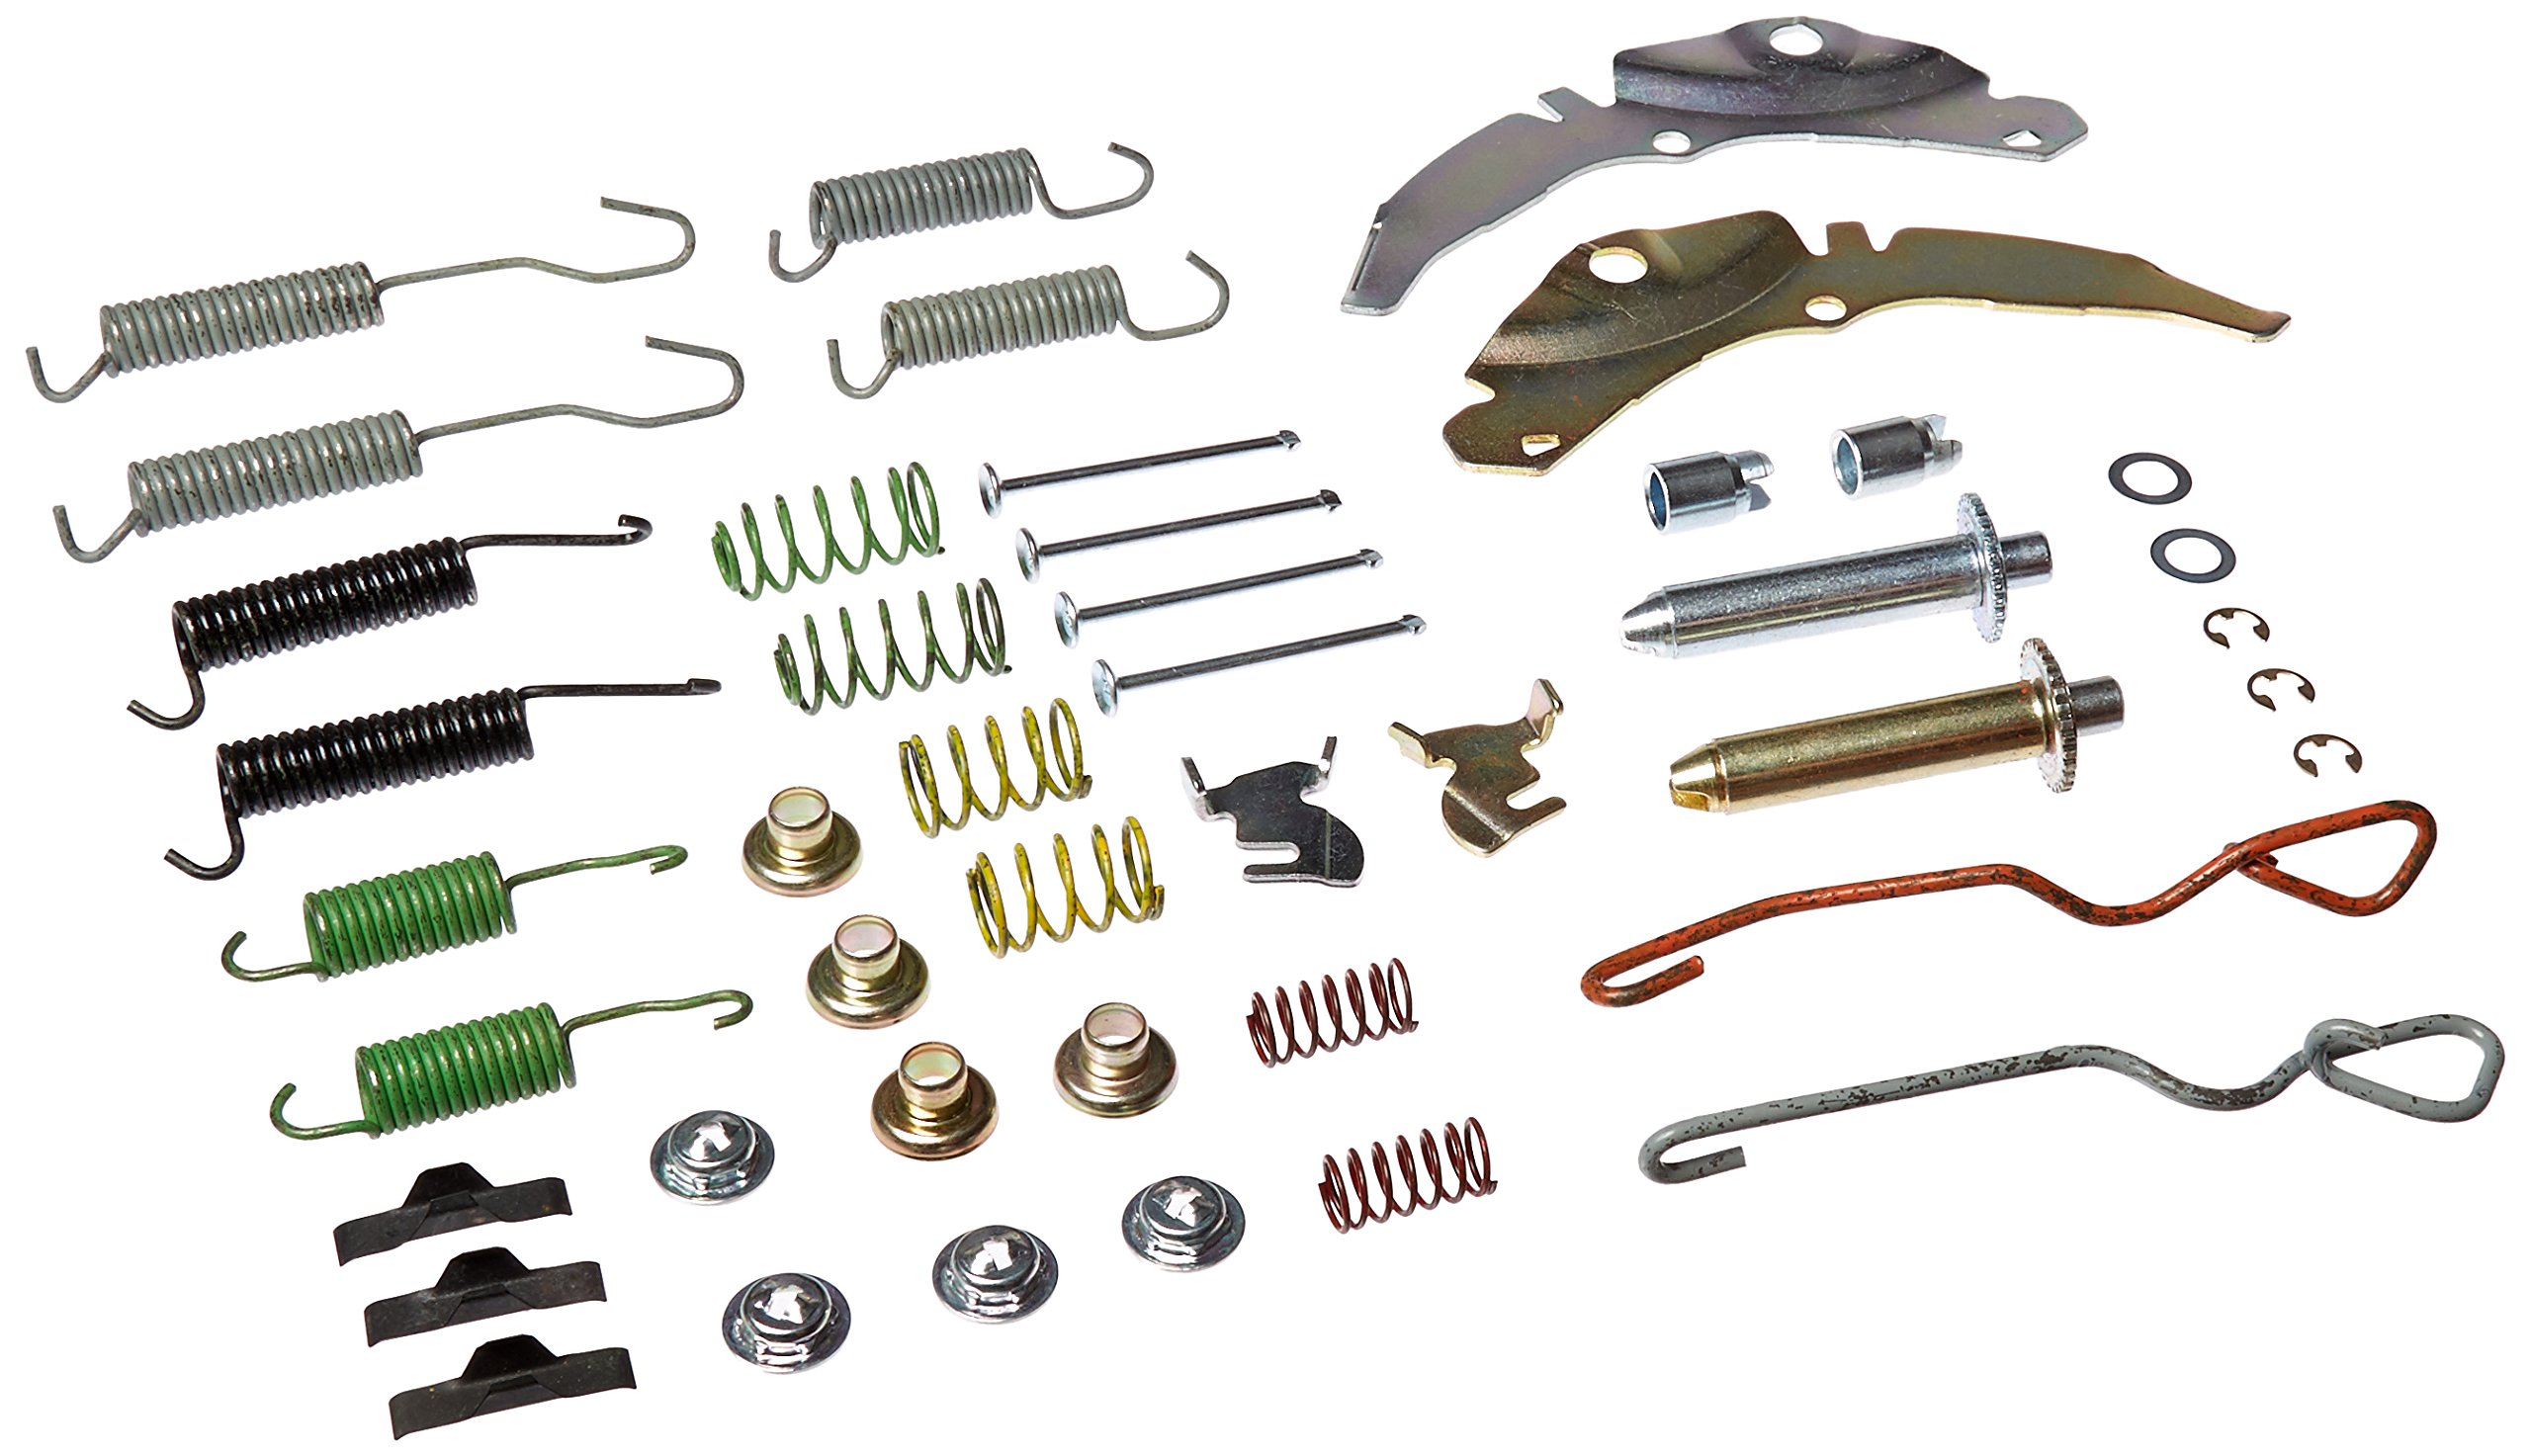 Carlson H2324 Rear Drum Brake Hardware Kit by Carlson